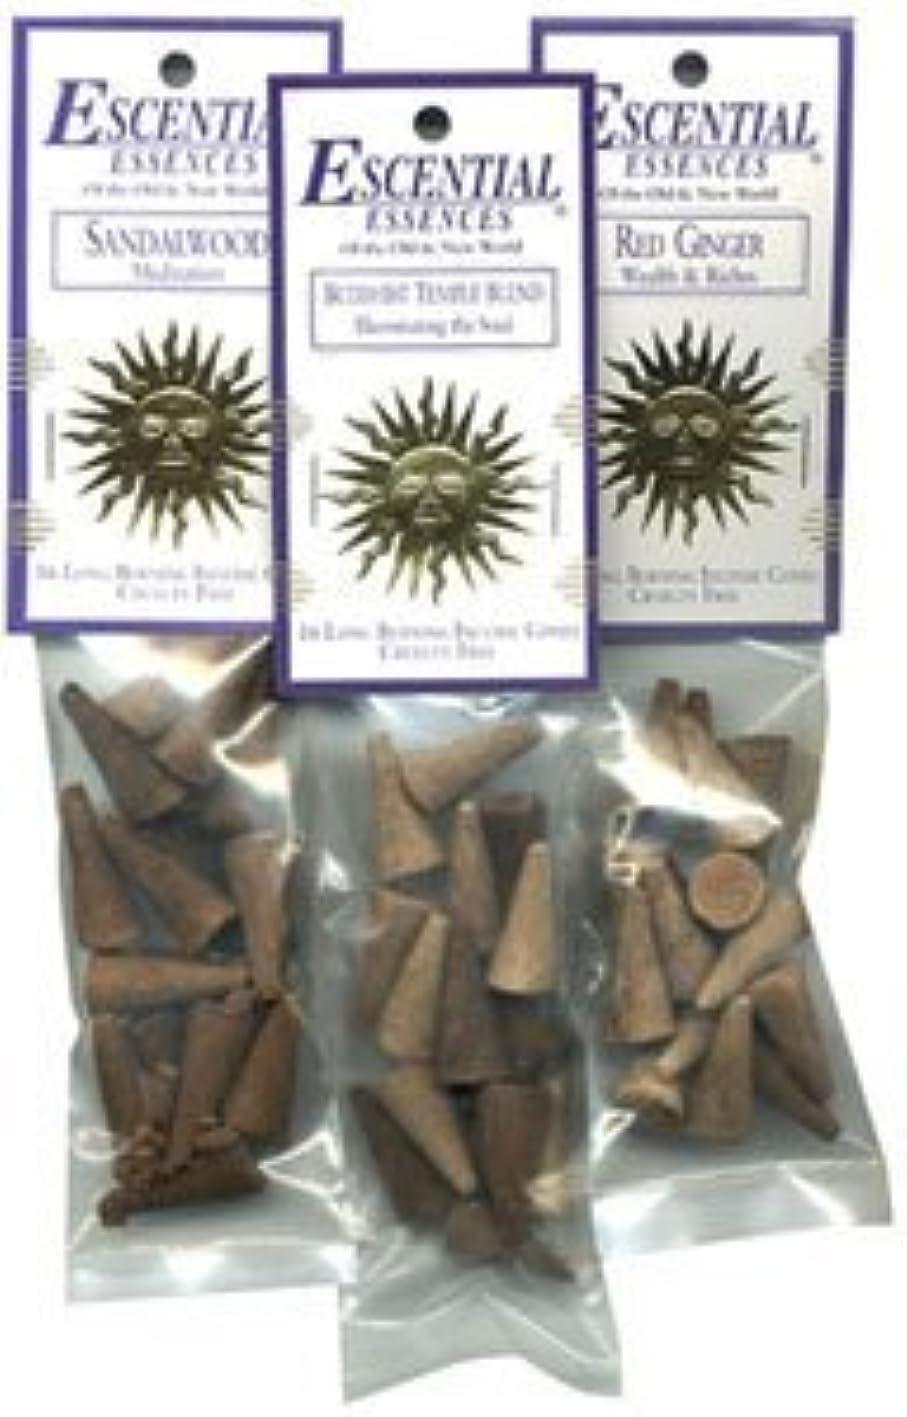 ベッド宣言フラップPurification (Sacred Cedar and Lavender) - Escential Essences Cone Incense - 16 Cone Package [並行輸入品]